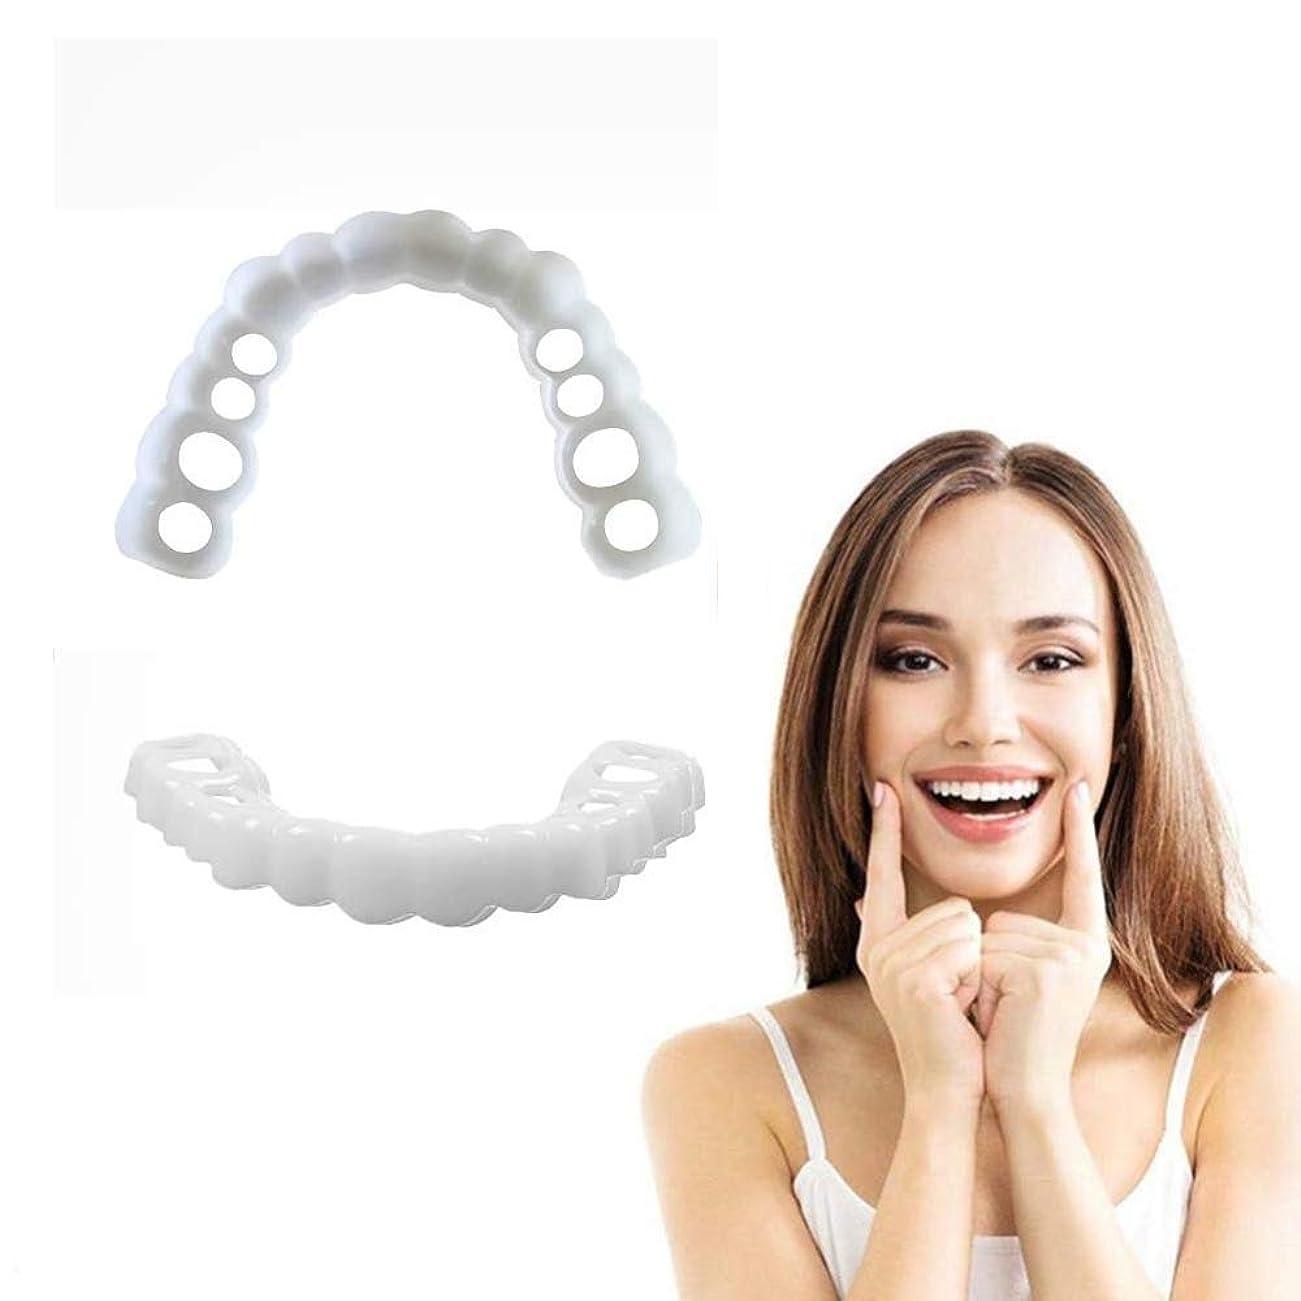 サバント終わり飛び込む2対の歯義歯歯用化粧品テンポラリースマイルコンフォートフィット化粧品用義歯(ホワイト),7Pairs